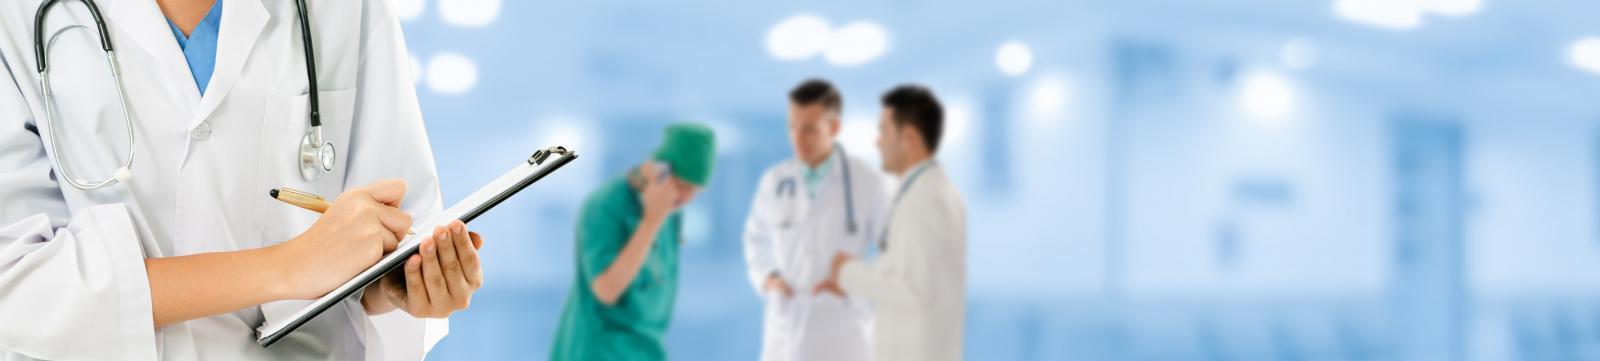 Голубой фон, фигуры врачей, руки и планшет, стетоскоп